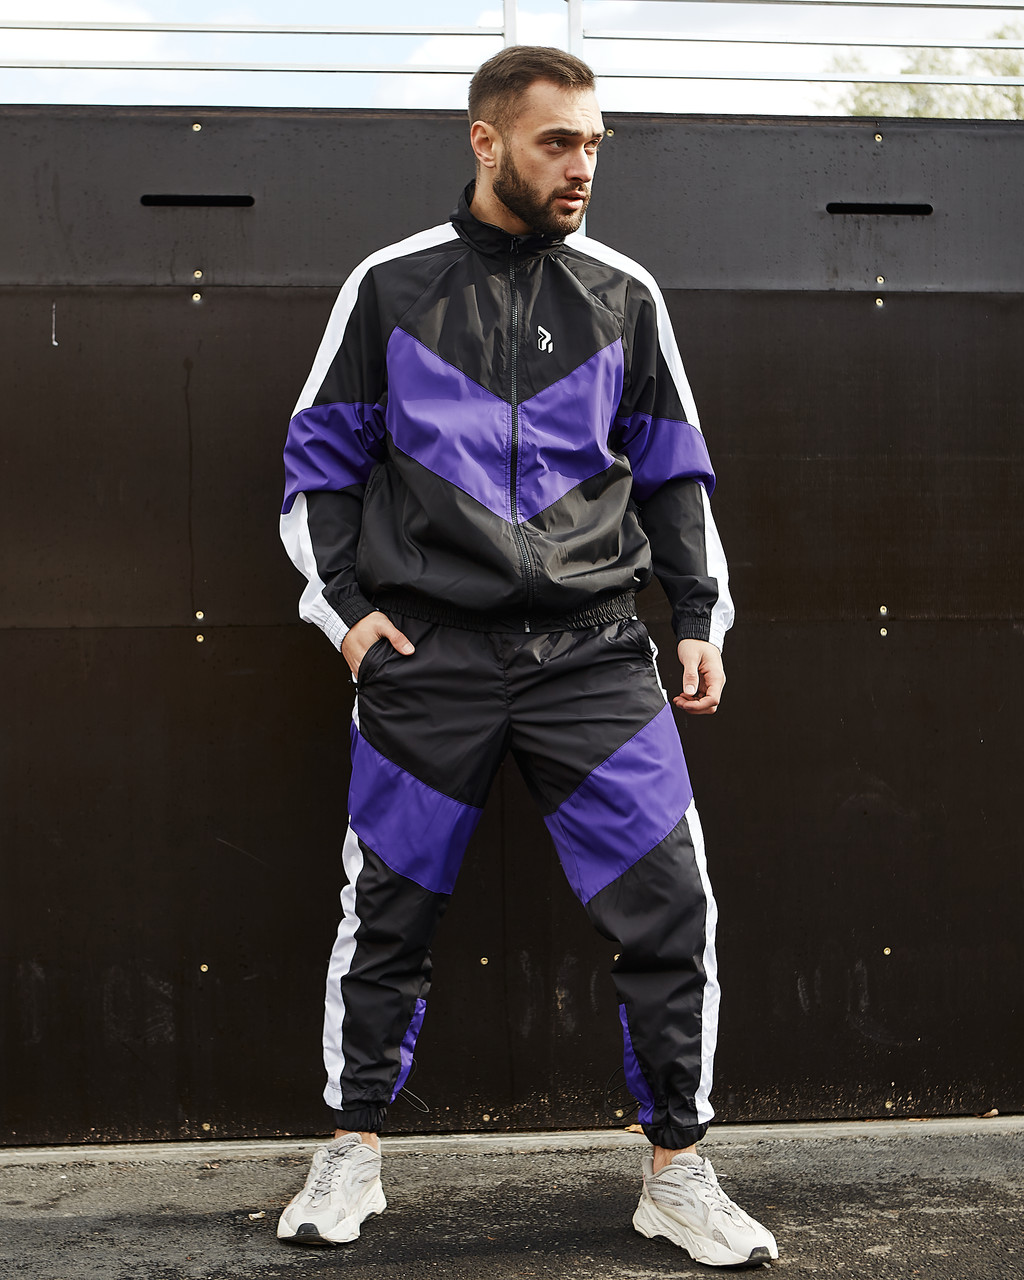 Спортивний костюм чоловічий Гармата Вогонь Split чорно - білий з фіолетовим